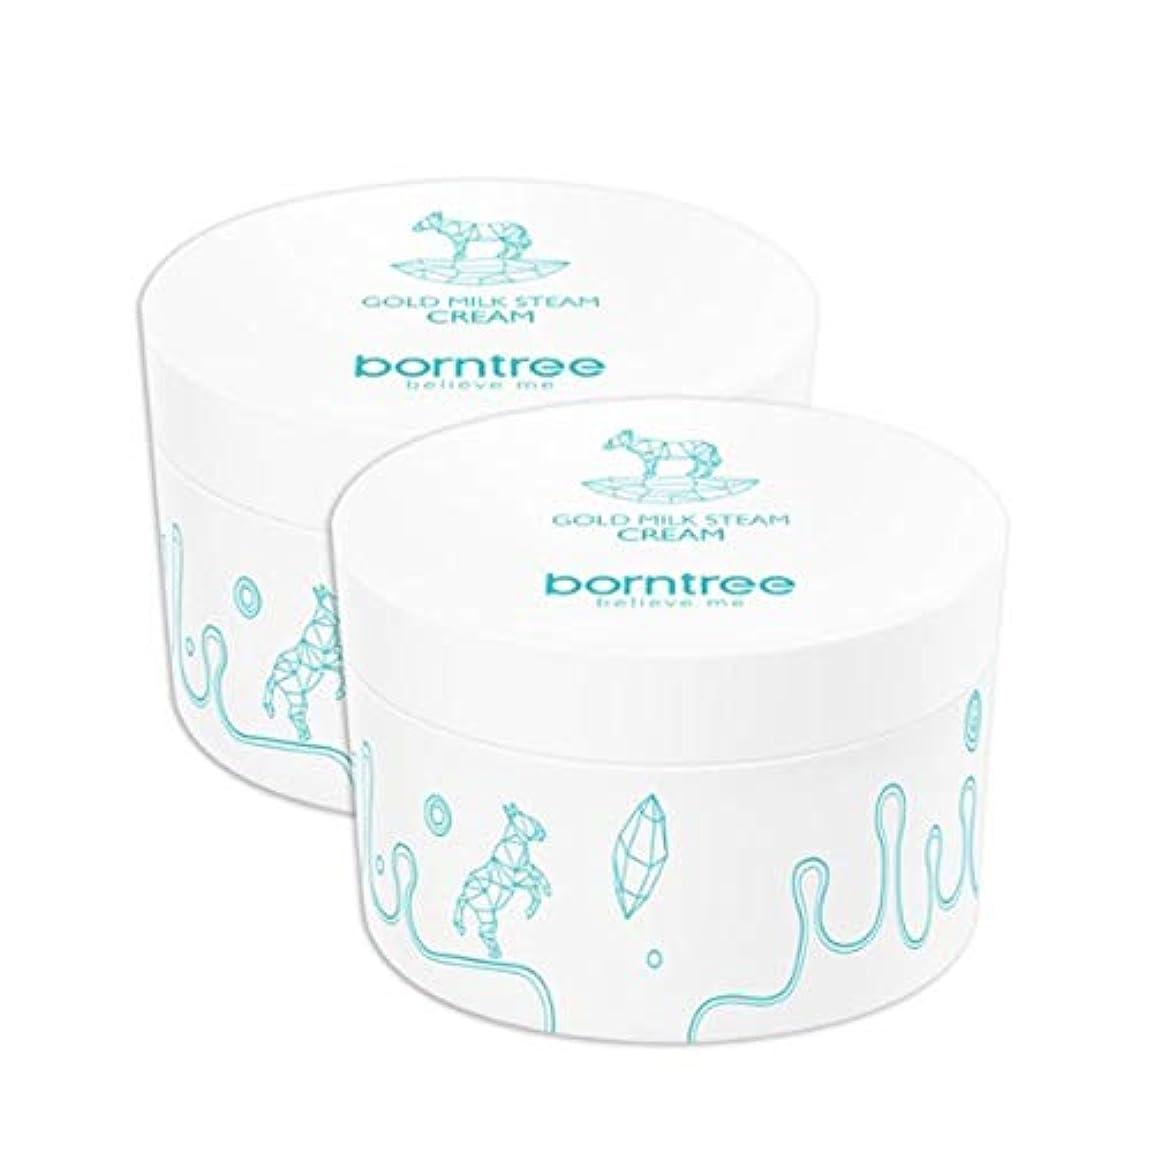 計算するアリスベリーボンツリーゴールドミルクスチームクリーム200gx2本セット韓国コスメ, Borntree Gold Milk Steam Cream 200gx2ea Set, Korean Cosmetics [並行輸入品]